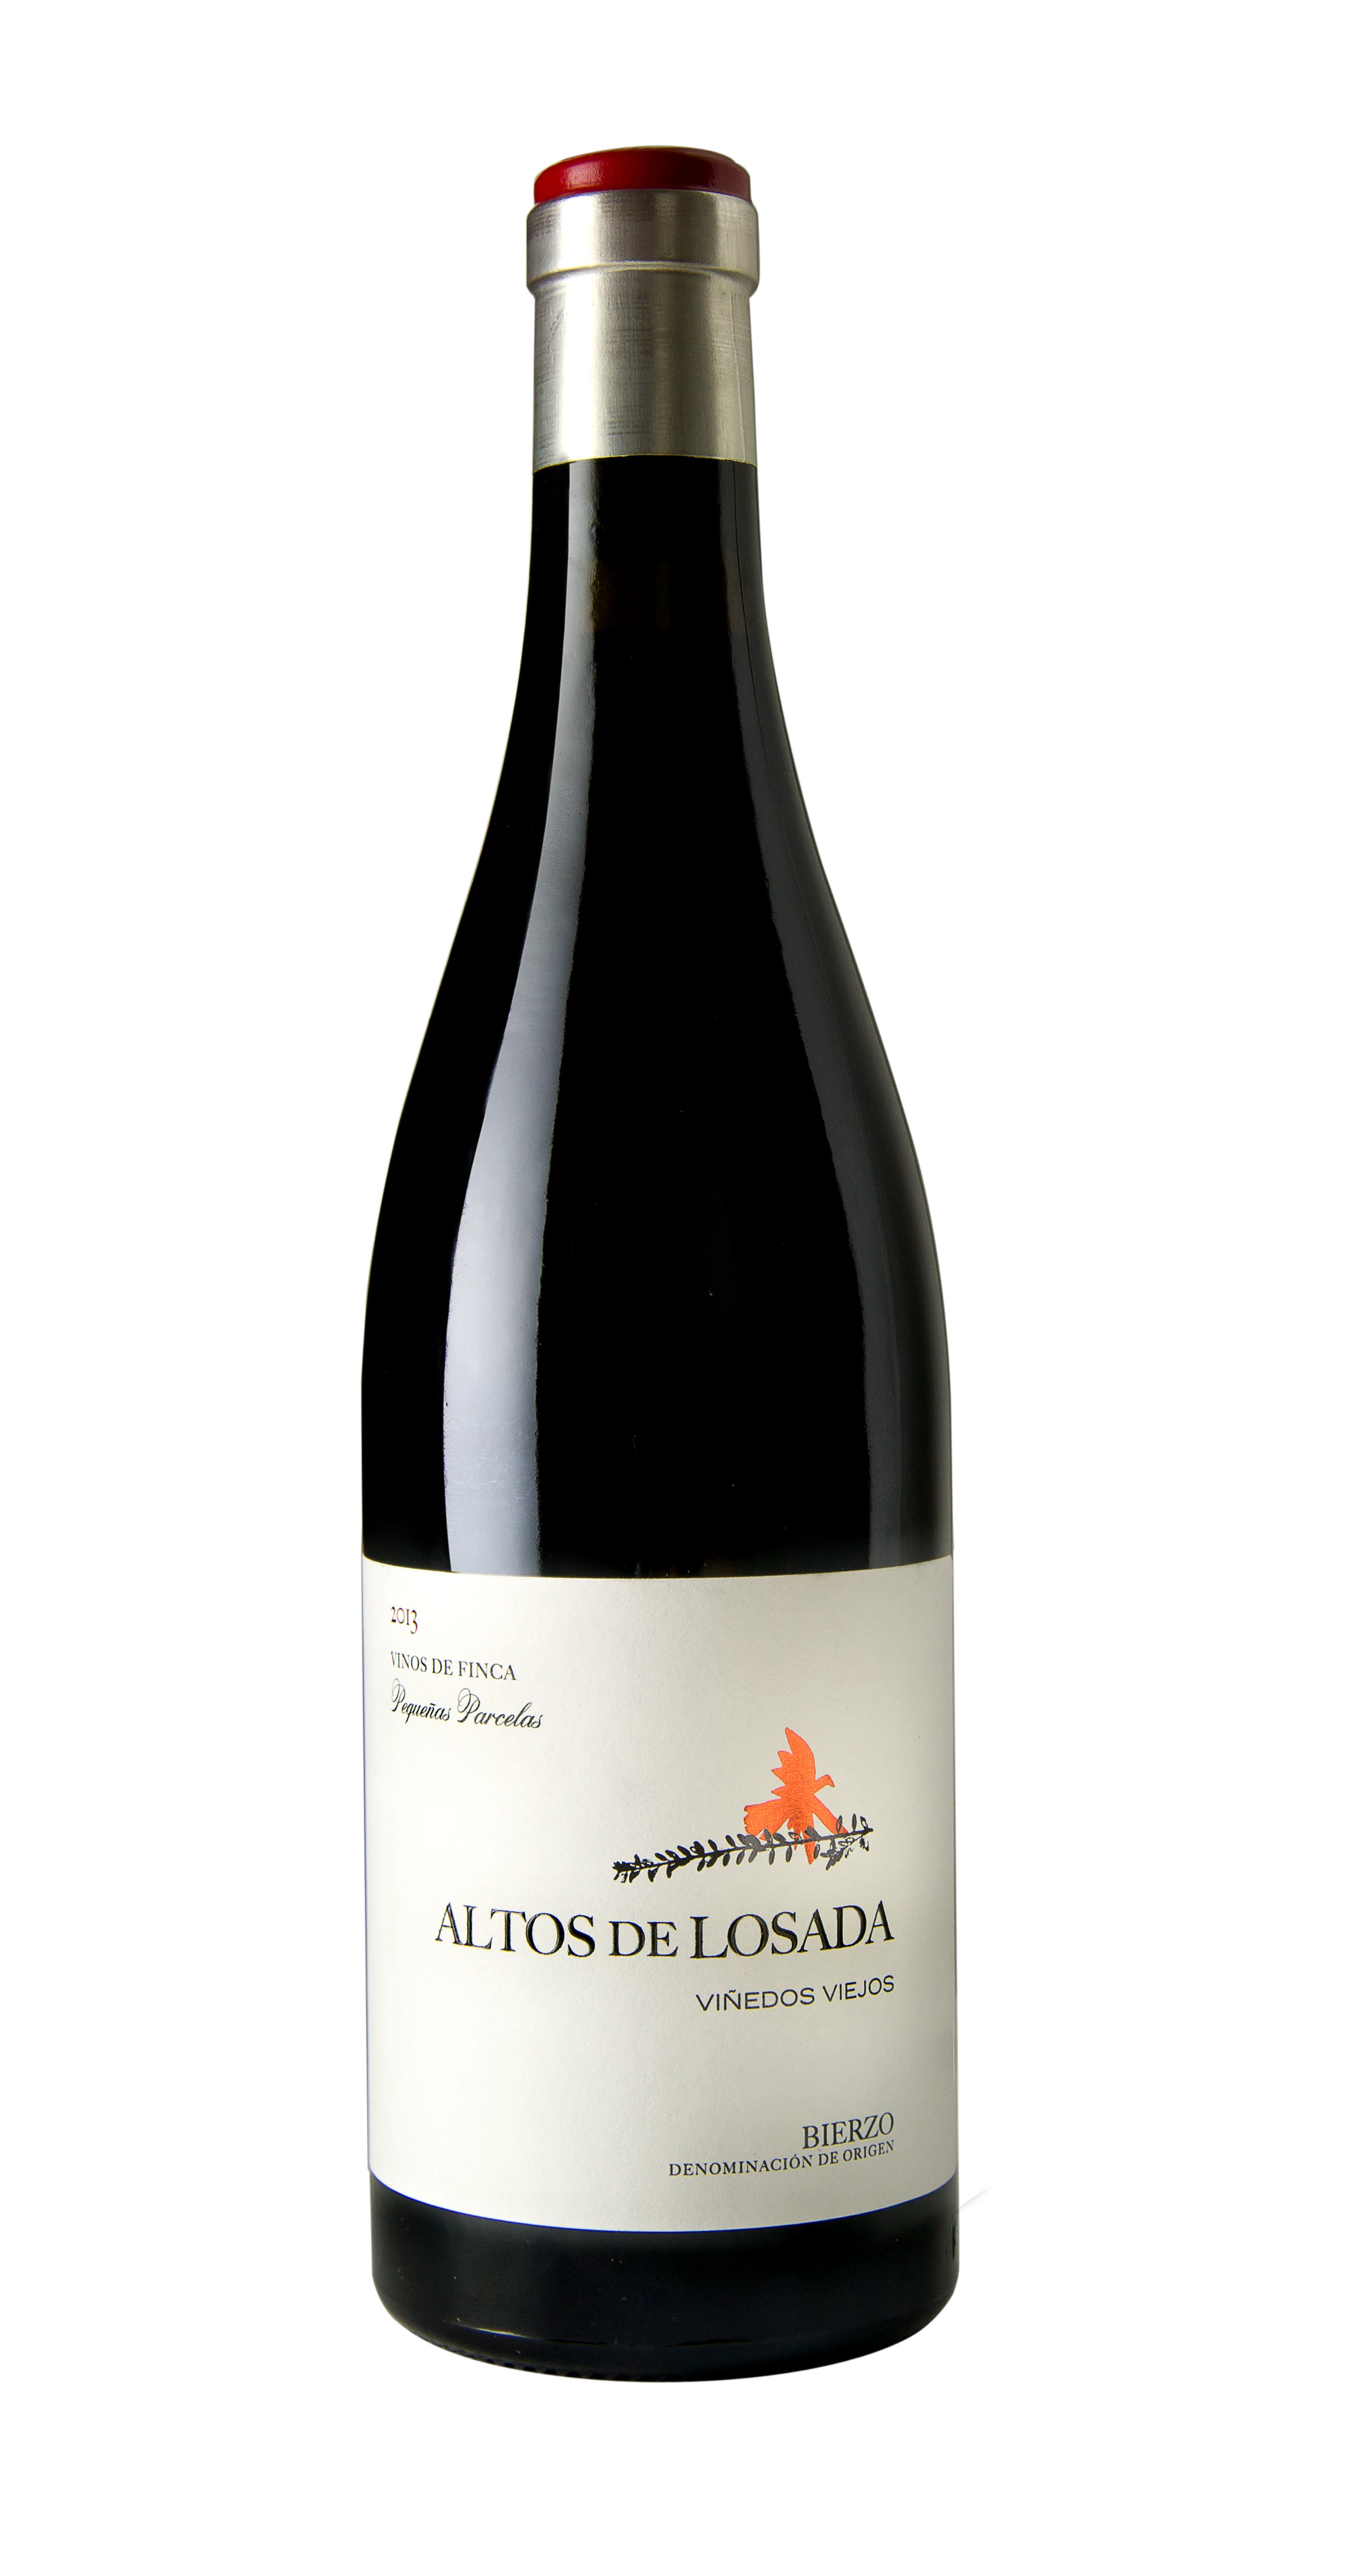 Altos de Losada 2017, el producto de 17 pequeñas piezas de viñedo de mencía